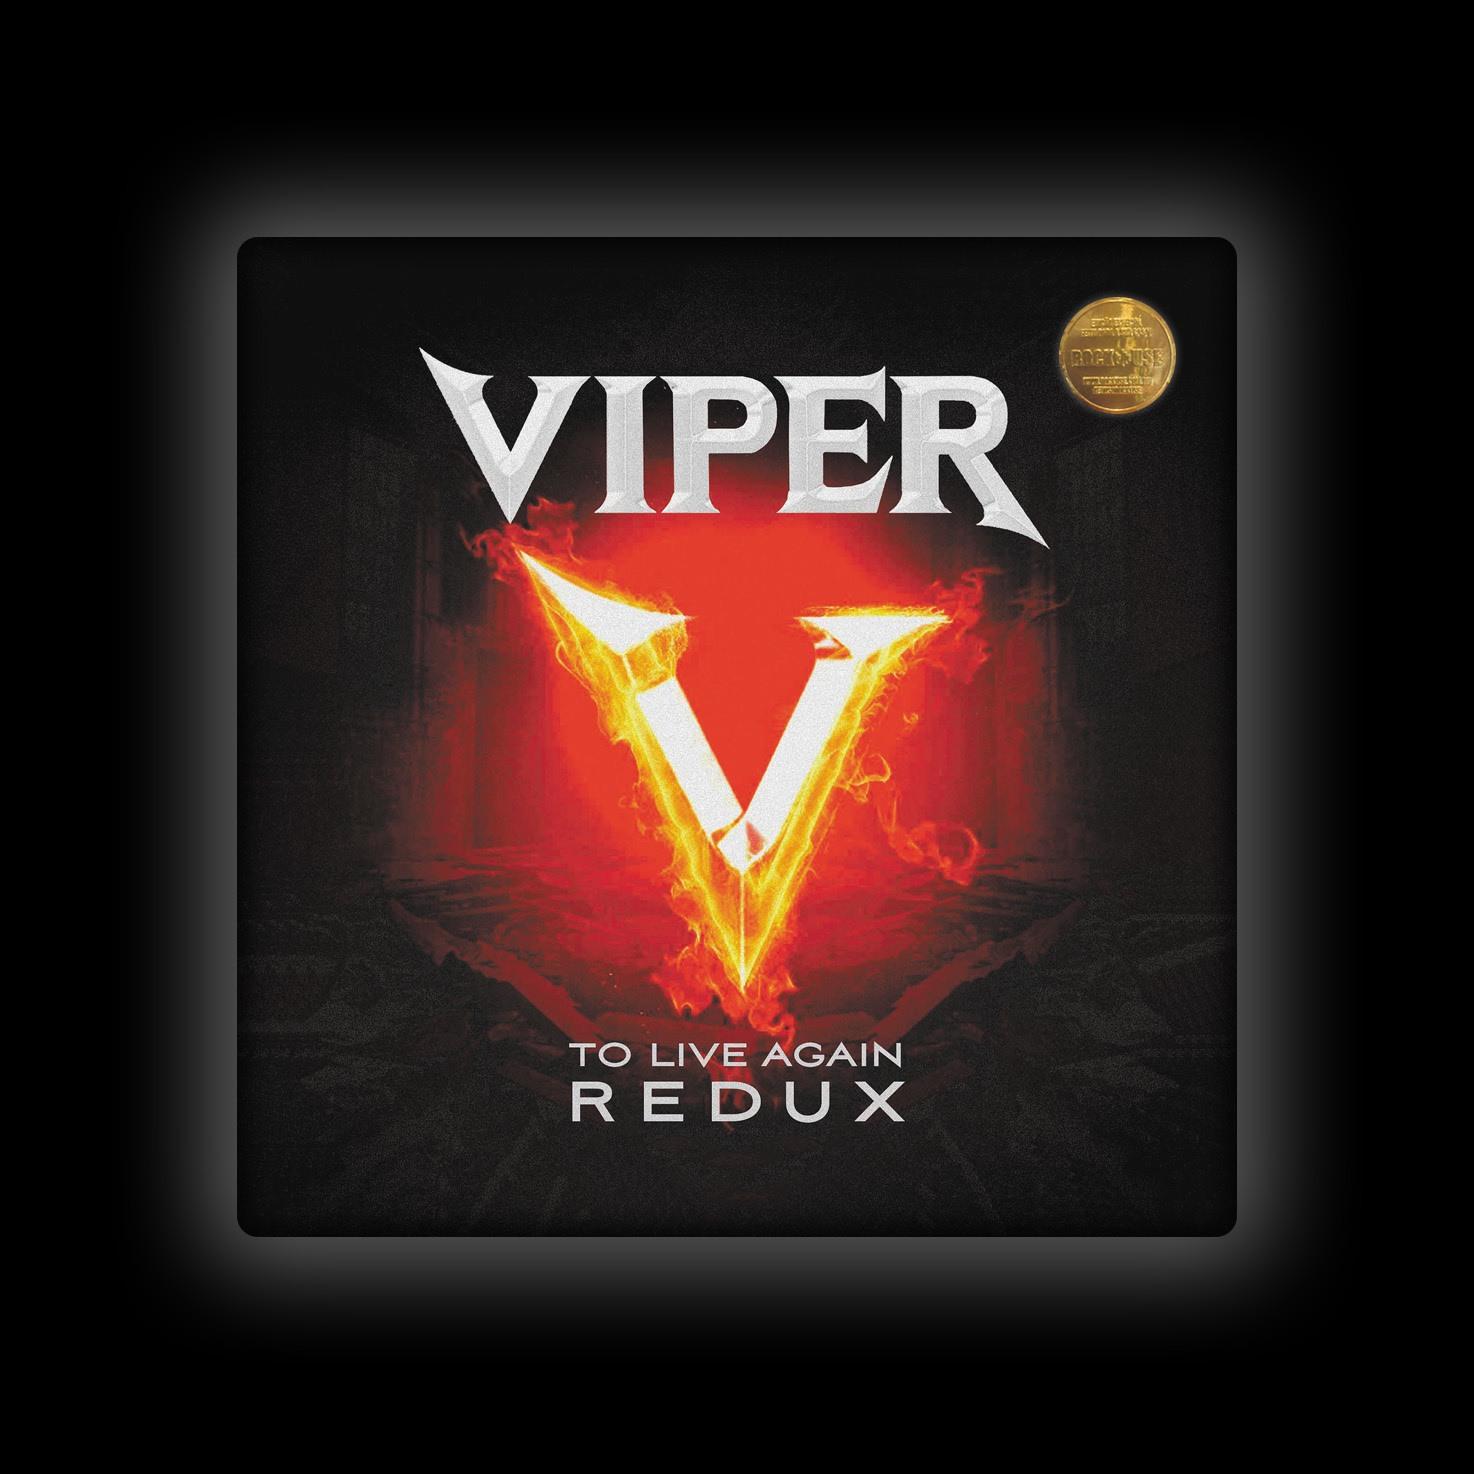 Capa de Almofada Viper - Redux